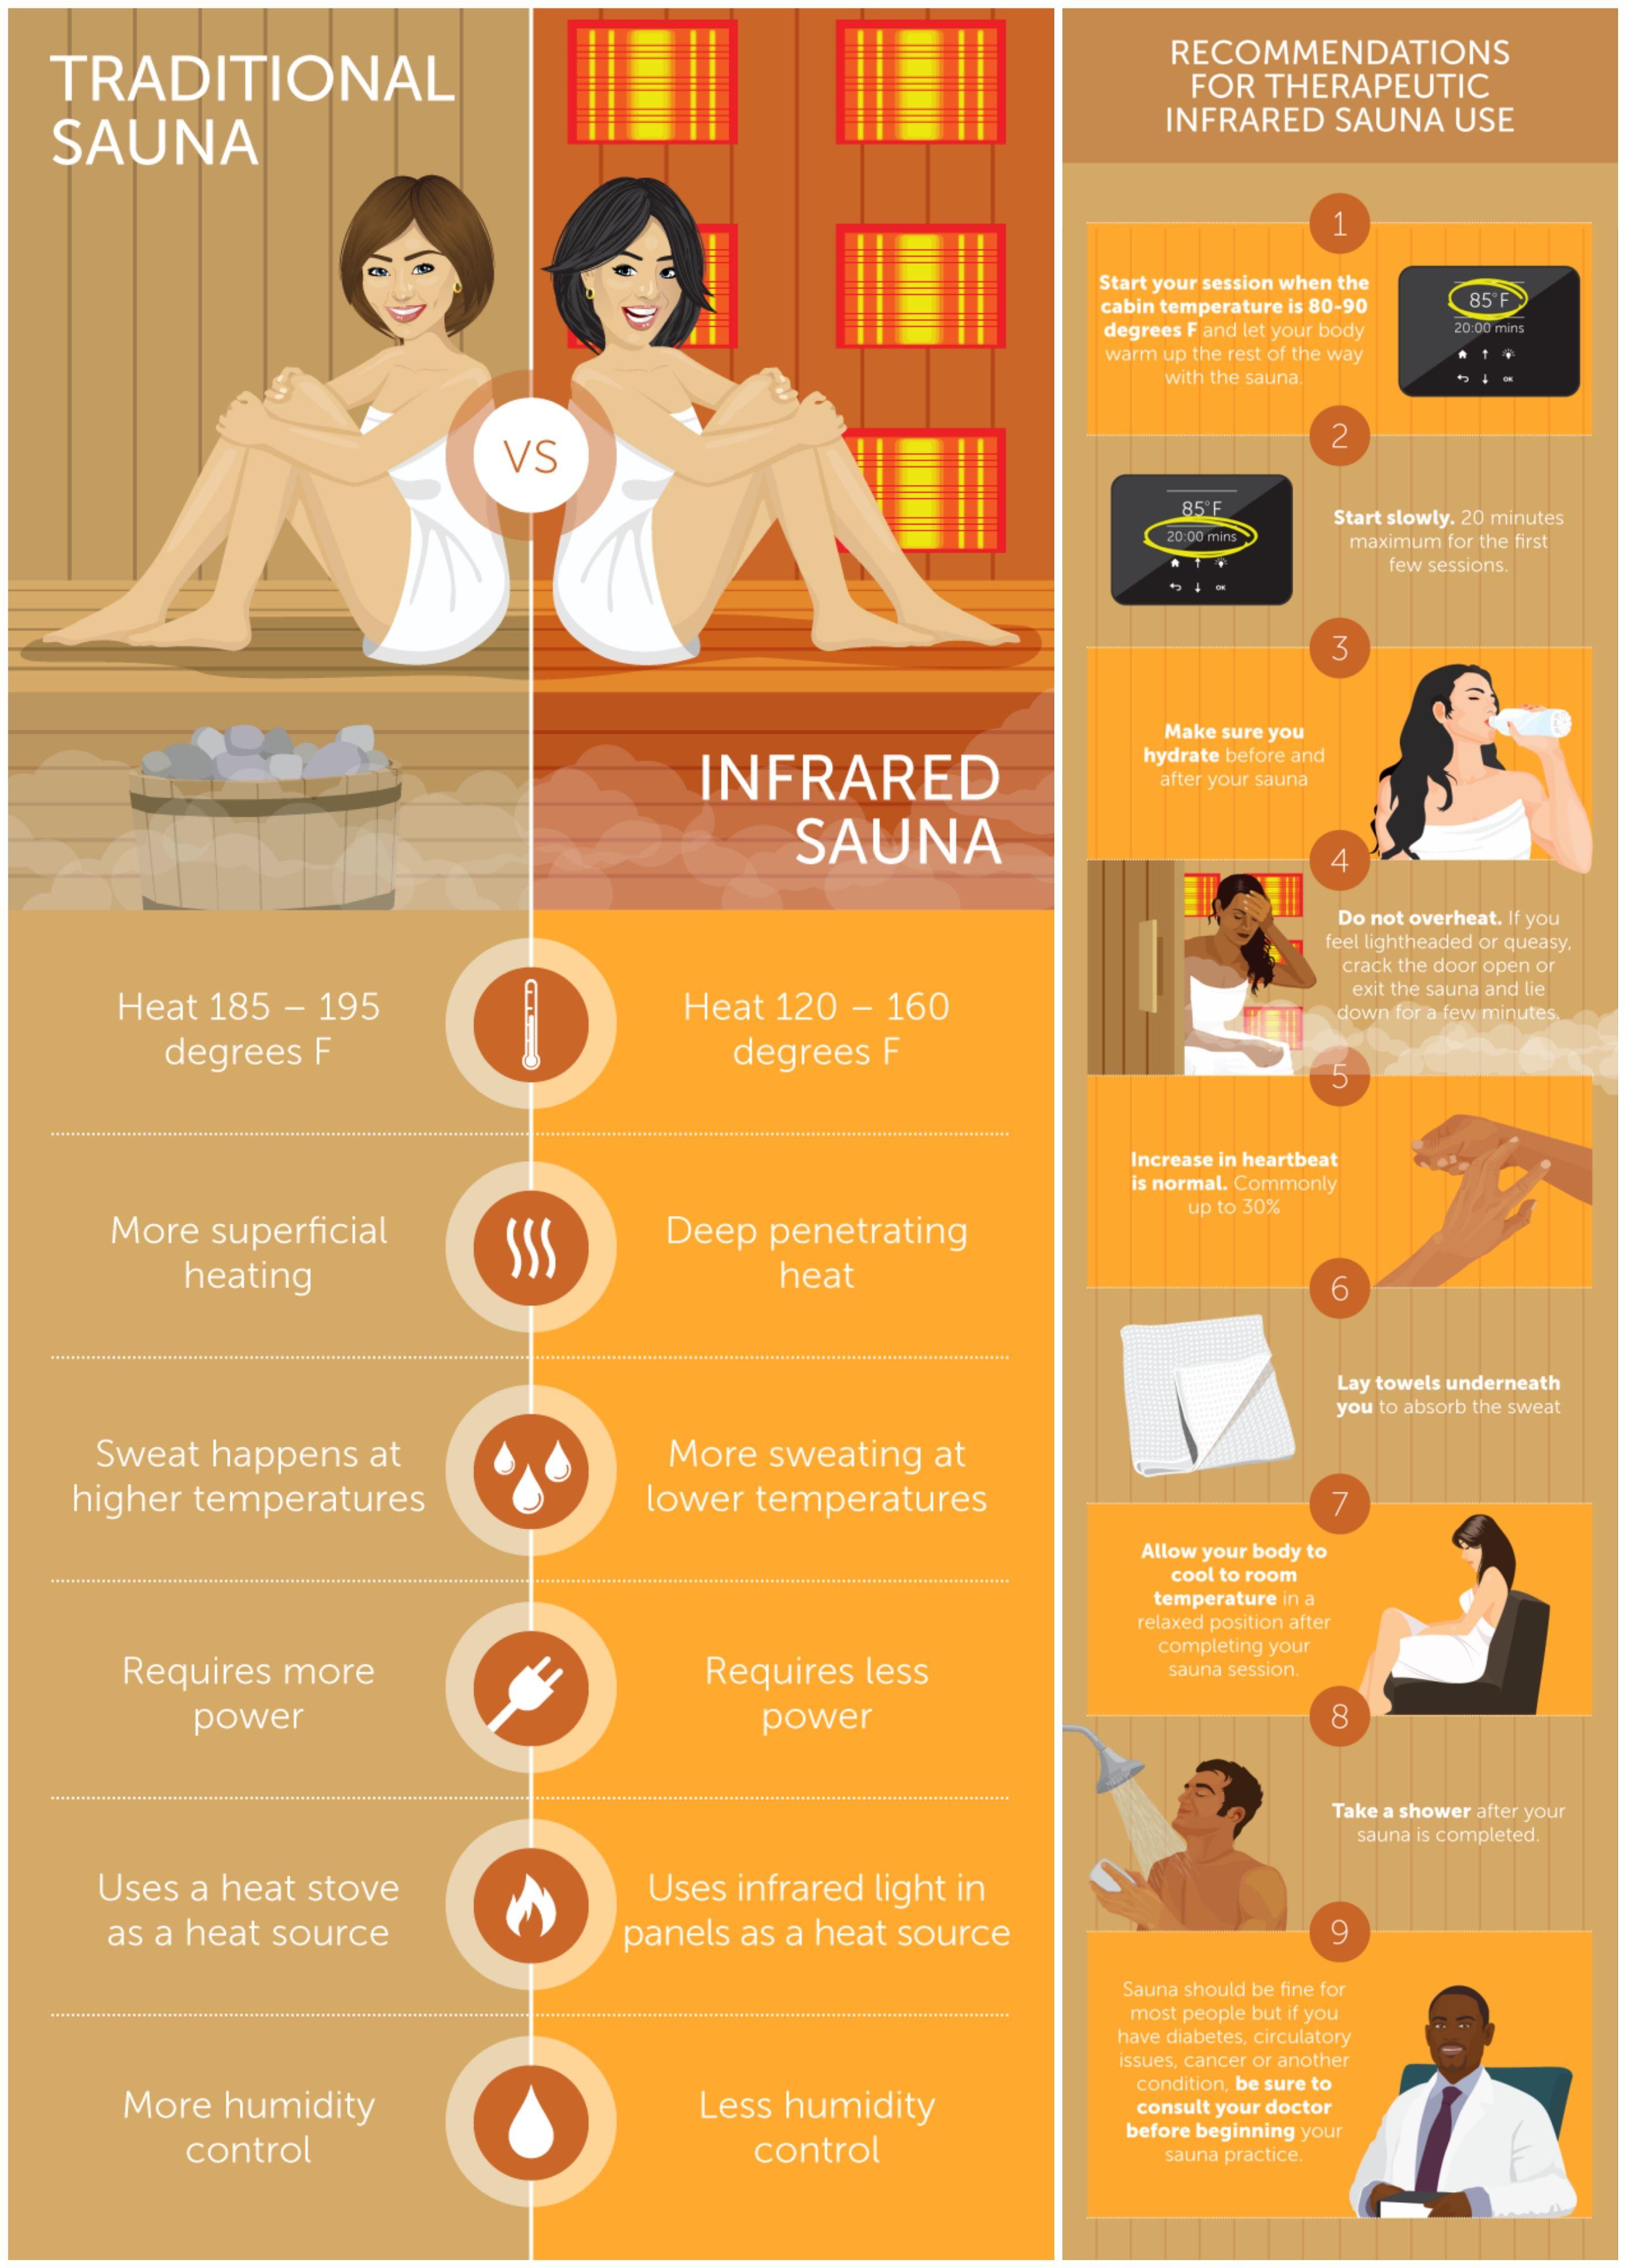 New Cedar Heatwave Saunas By Blue Wave Sauna Benefits Infrared Sauna Benefits Sauna Health Benefits